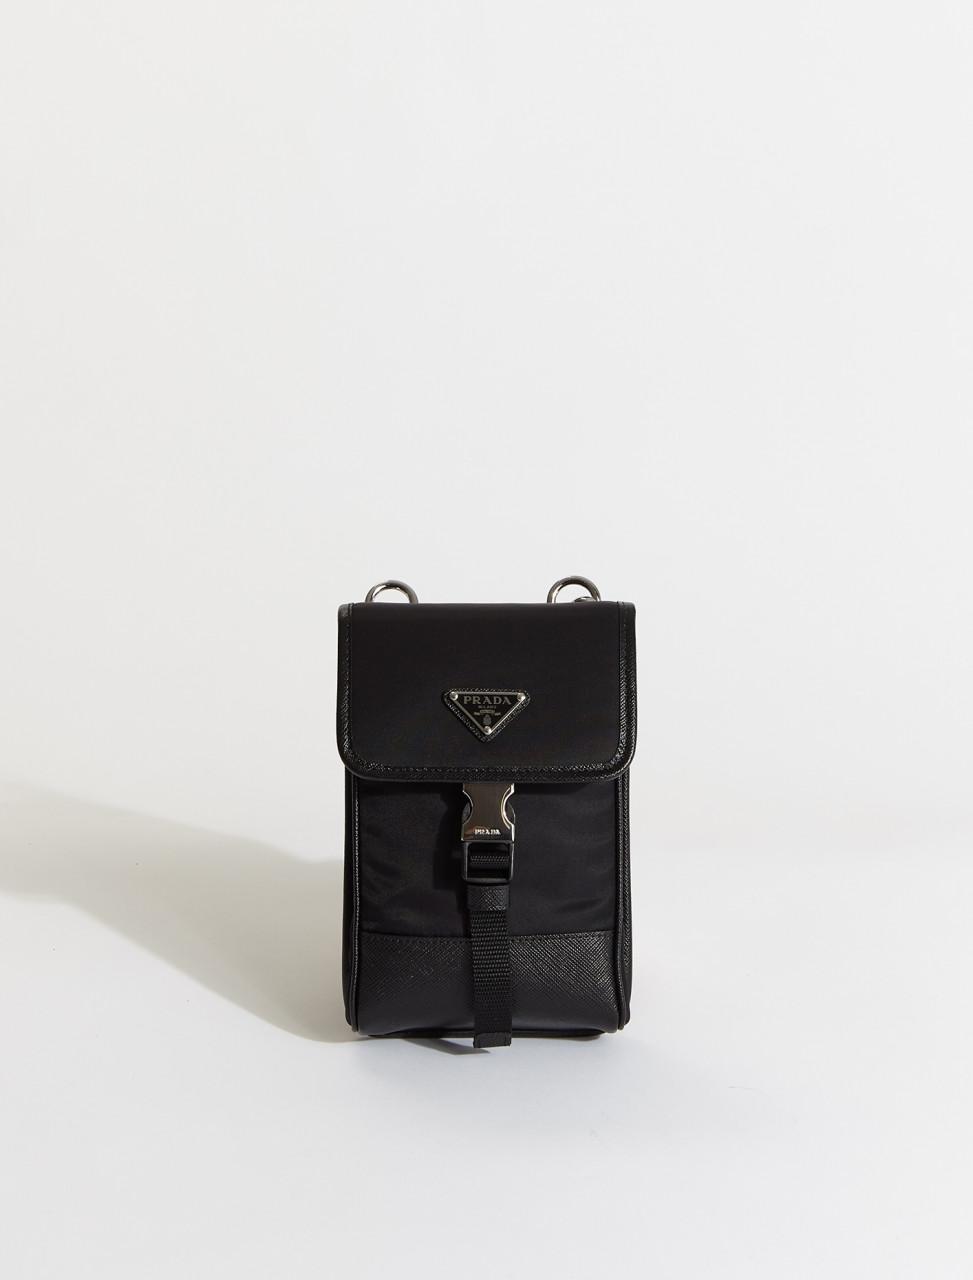 2ZH109-F0002 PRADA Nylon and Leather Smartphone Case in Black